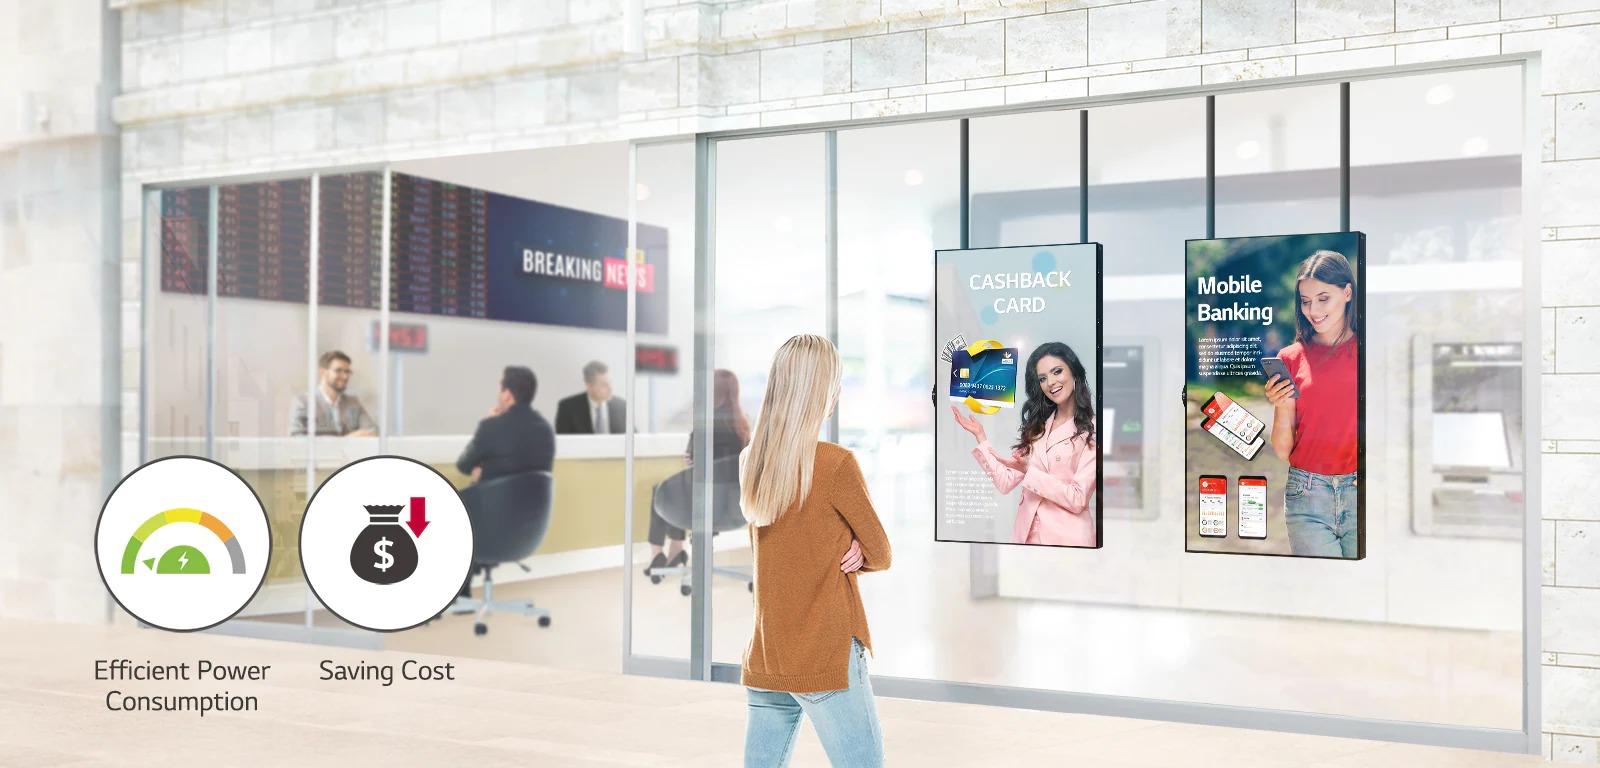 Image description écran vitrine haute luminosité LG 55XS4J